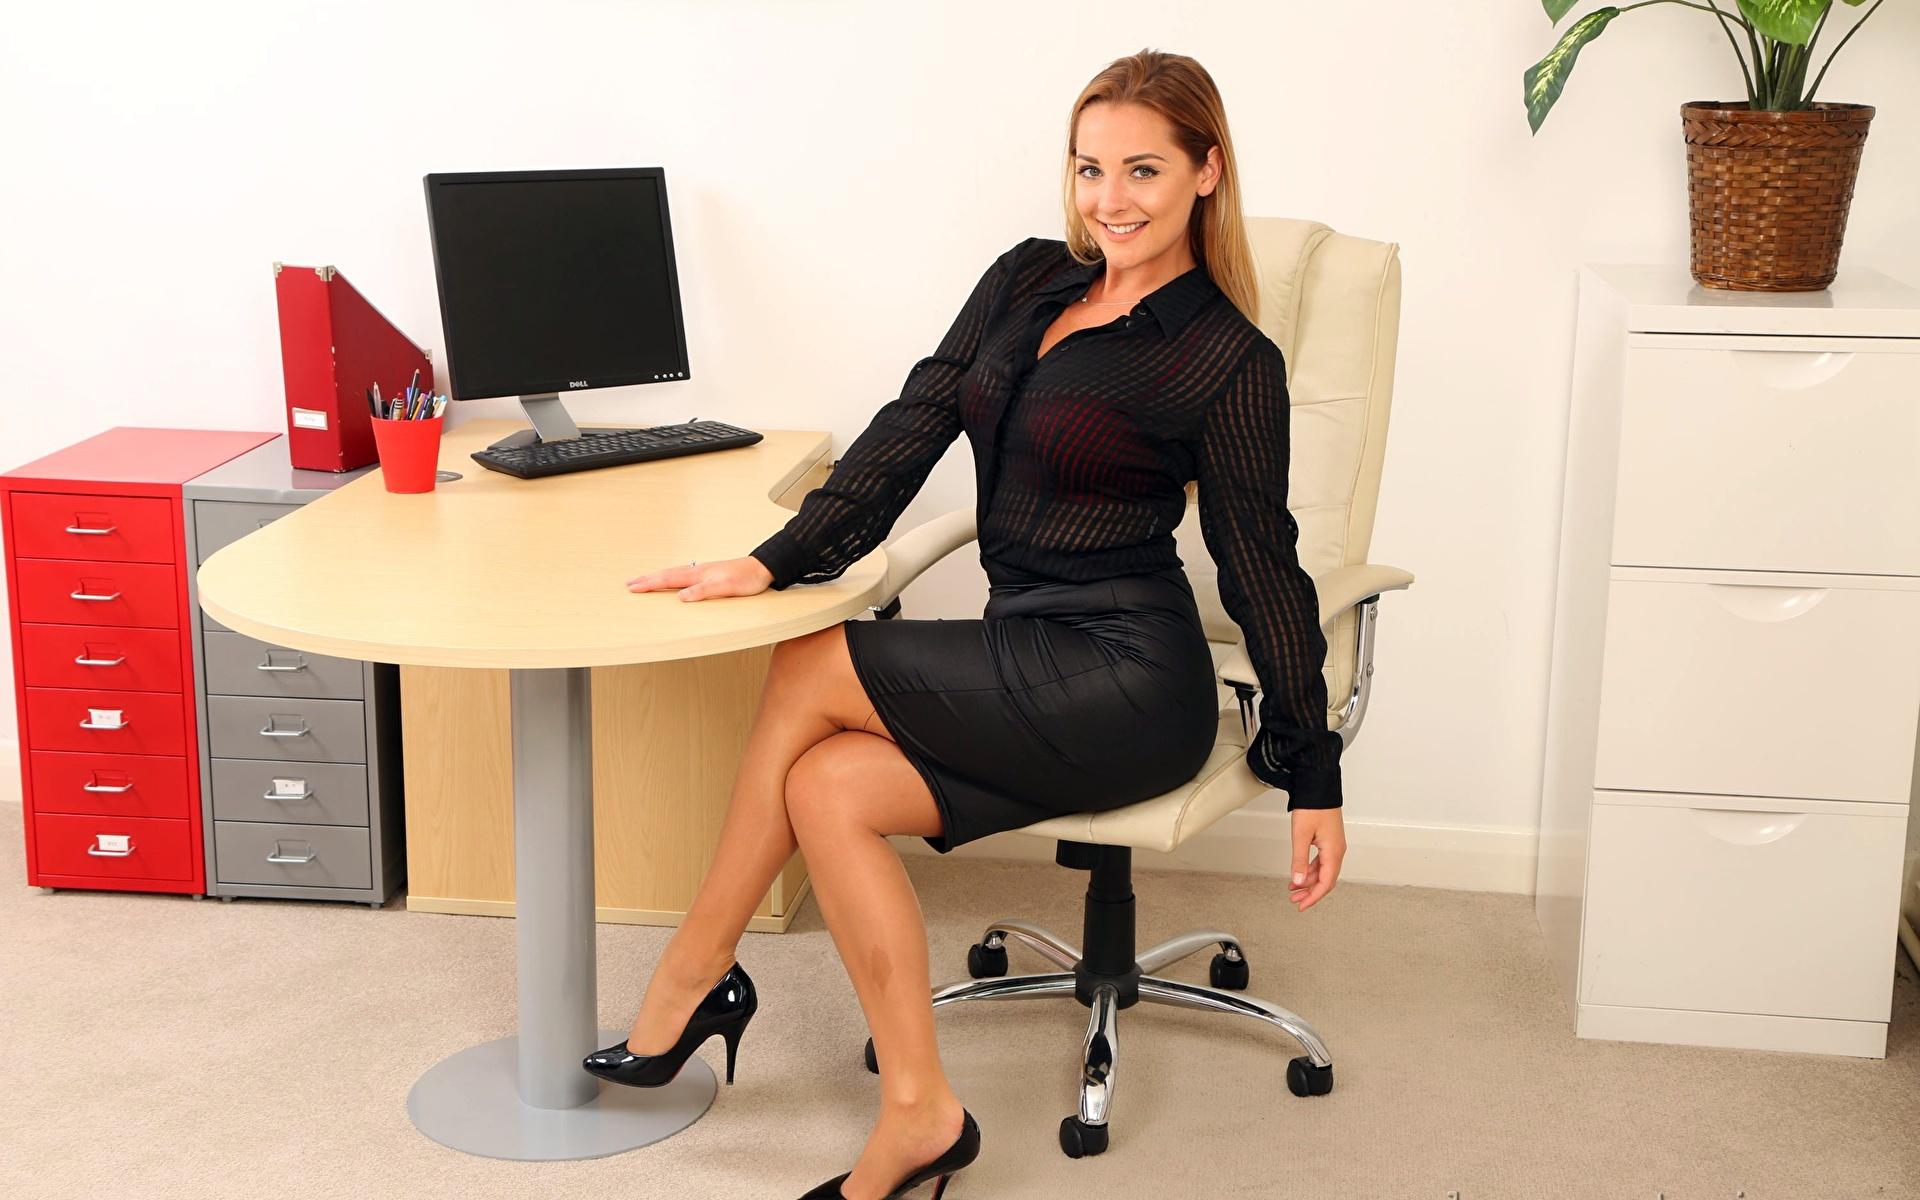 Секс в офисе 18, Порно в офисе. Секс с секретаршей 15 фотография